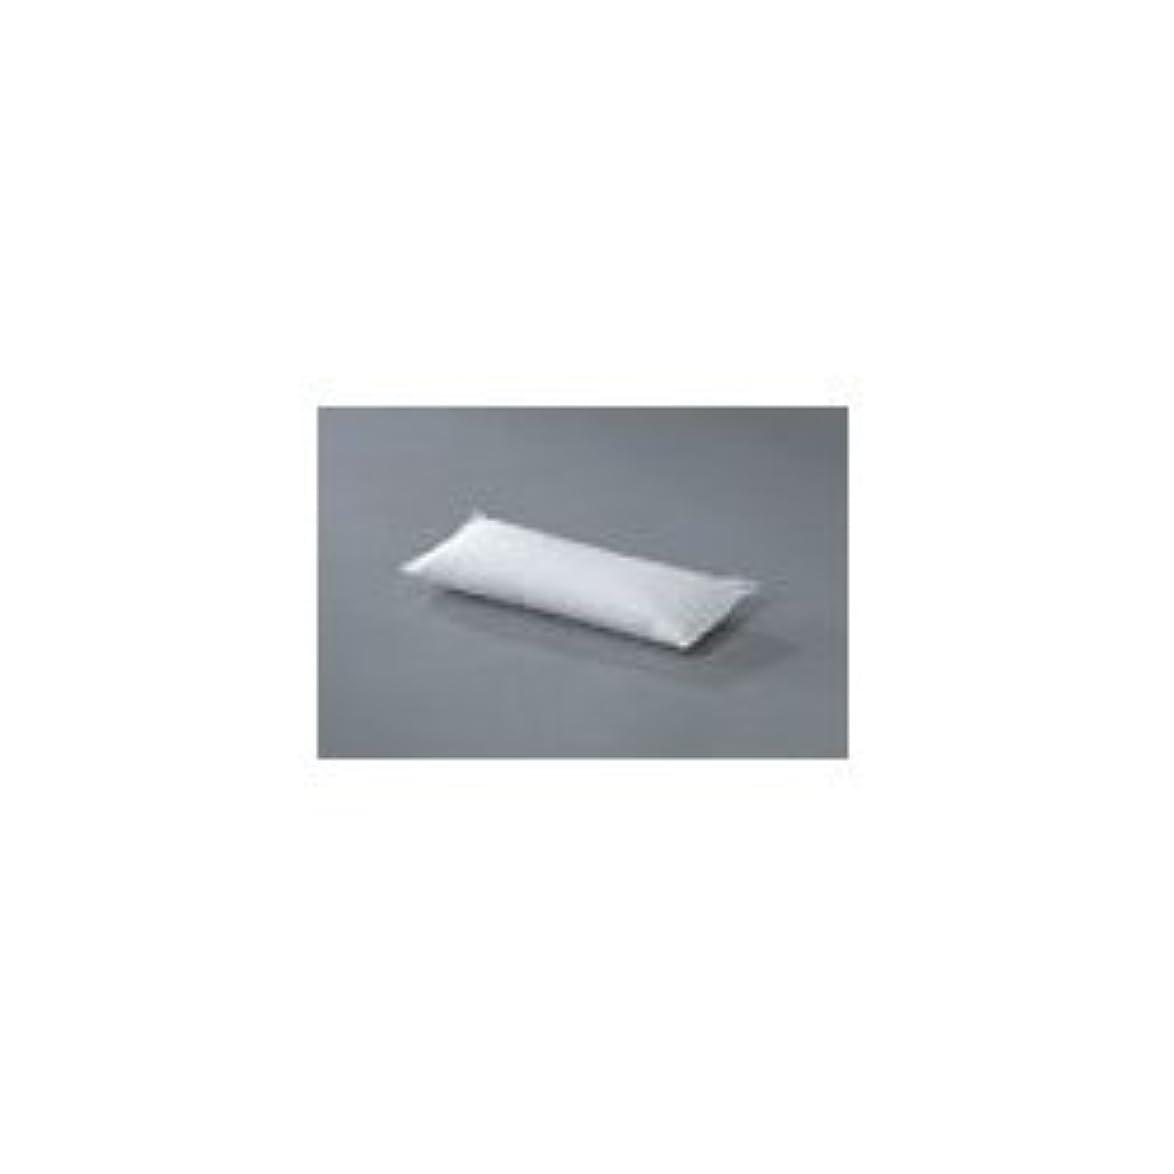 区画箱関税ジャノメ 24時間風呂 クリーンバスユニット専用電解促進剤 CLパック 7袋 (クリーンパック)